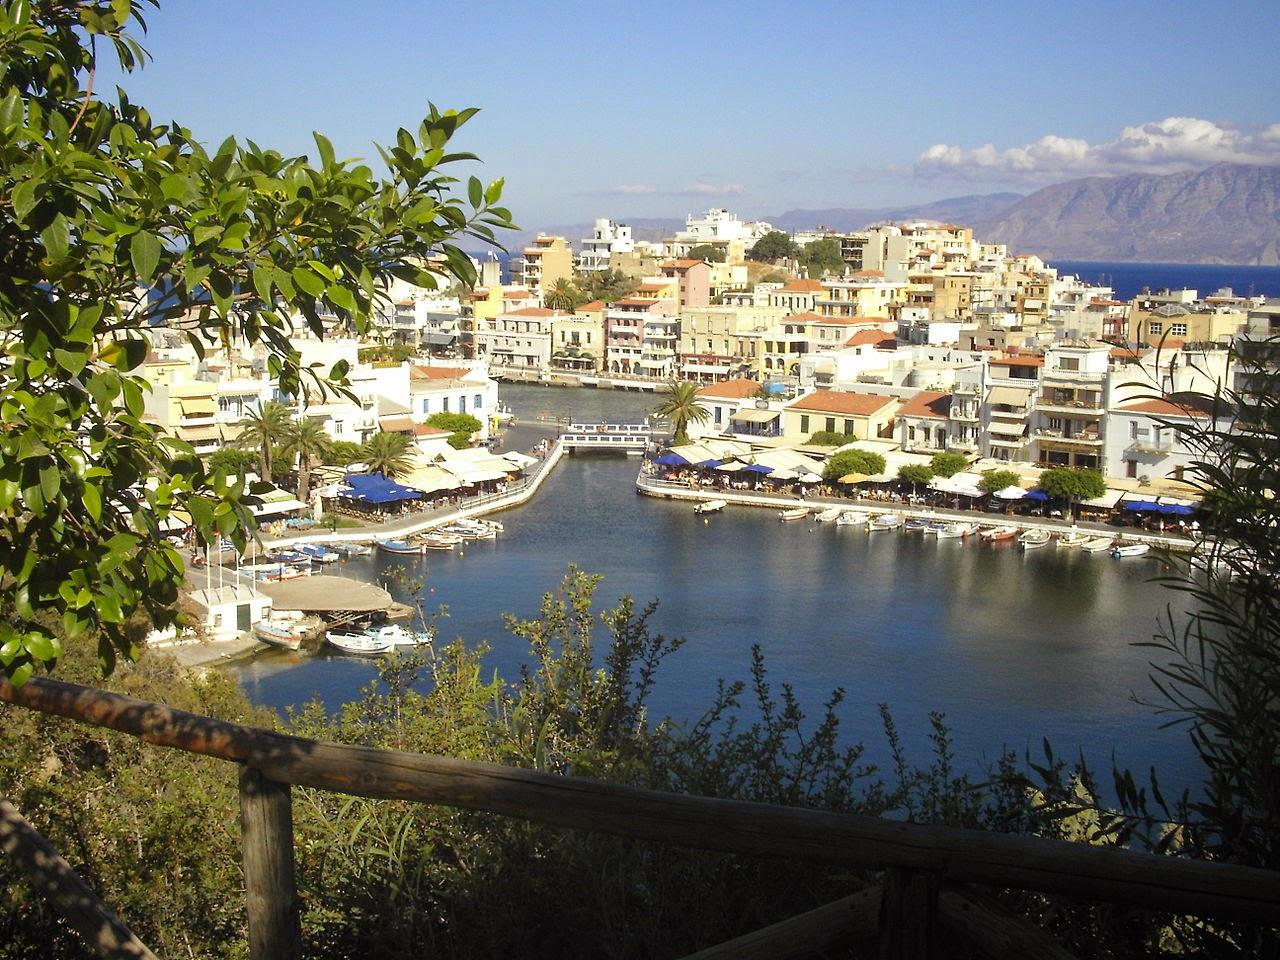 Агиос Николаос особенно любим туристами за его тихие улочки и многочисленные кафе и рестораны